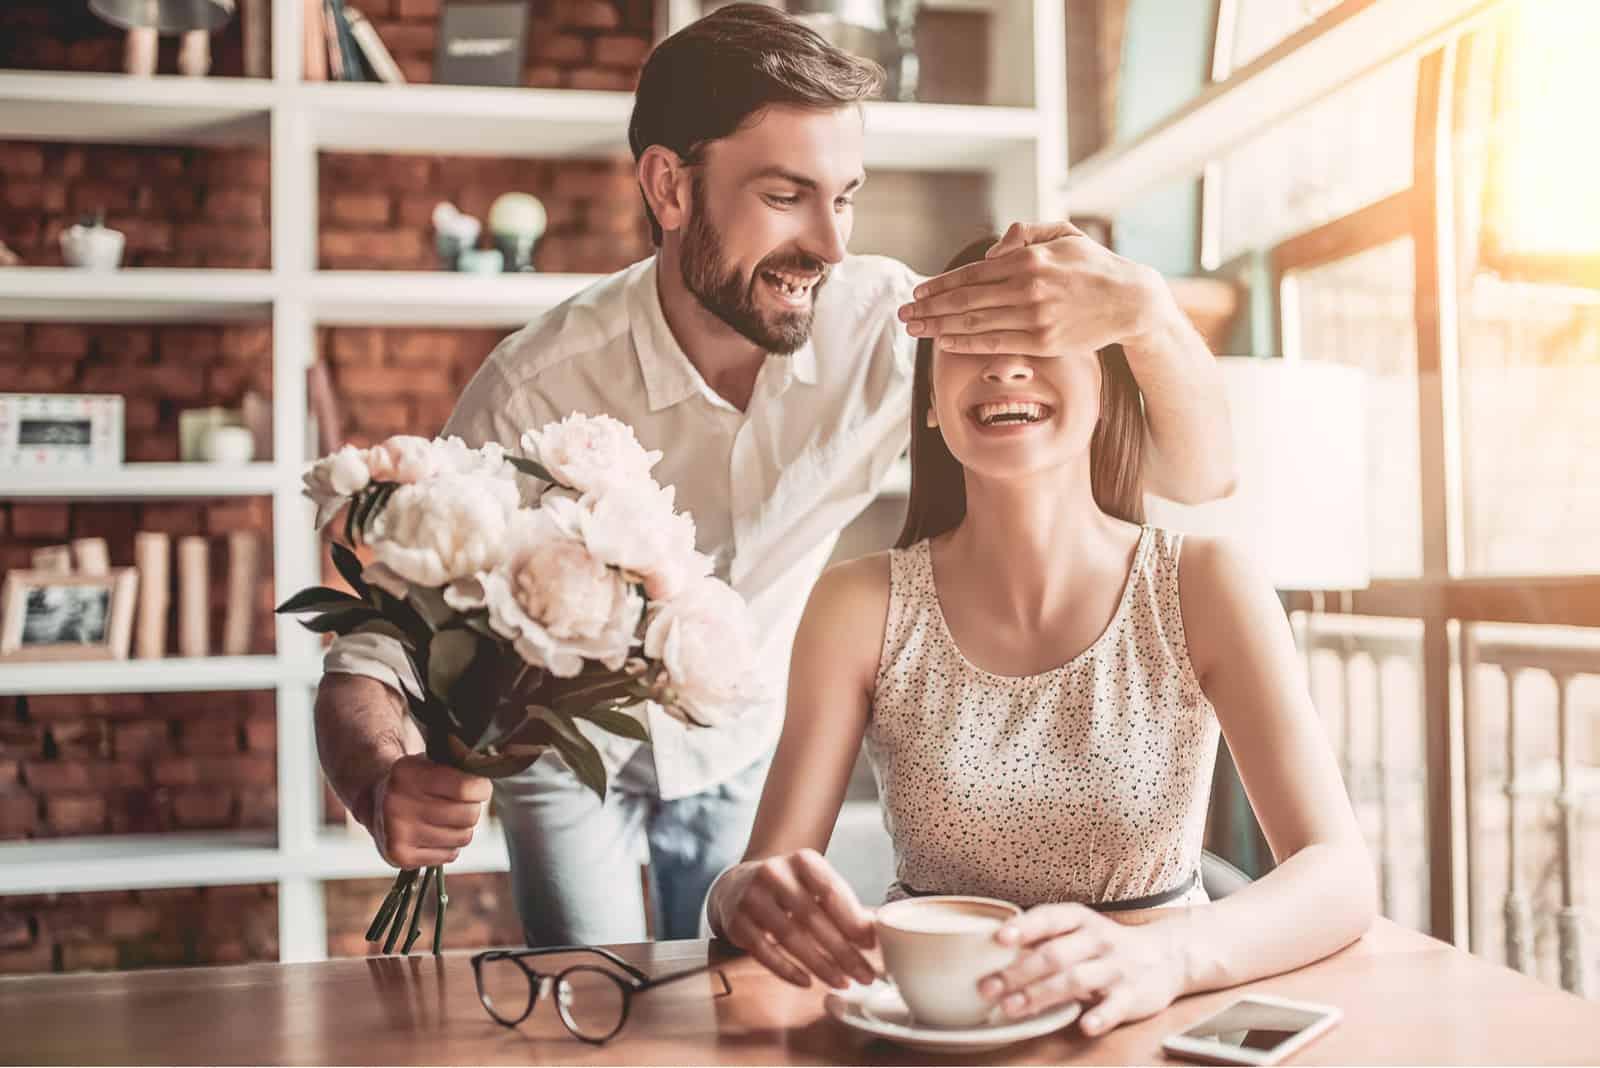 l'homme a surpris la femme avec des fleurs